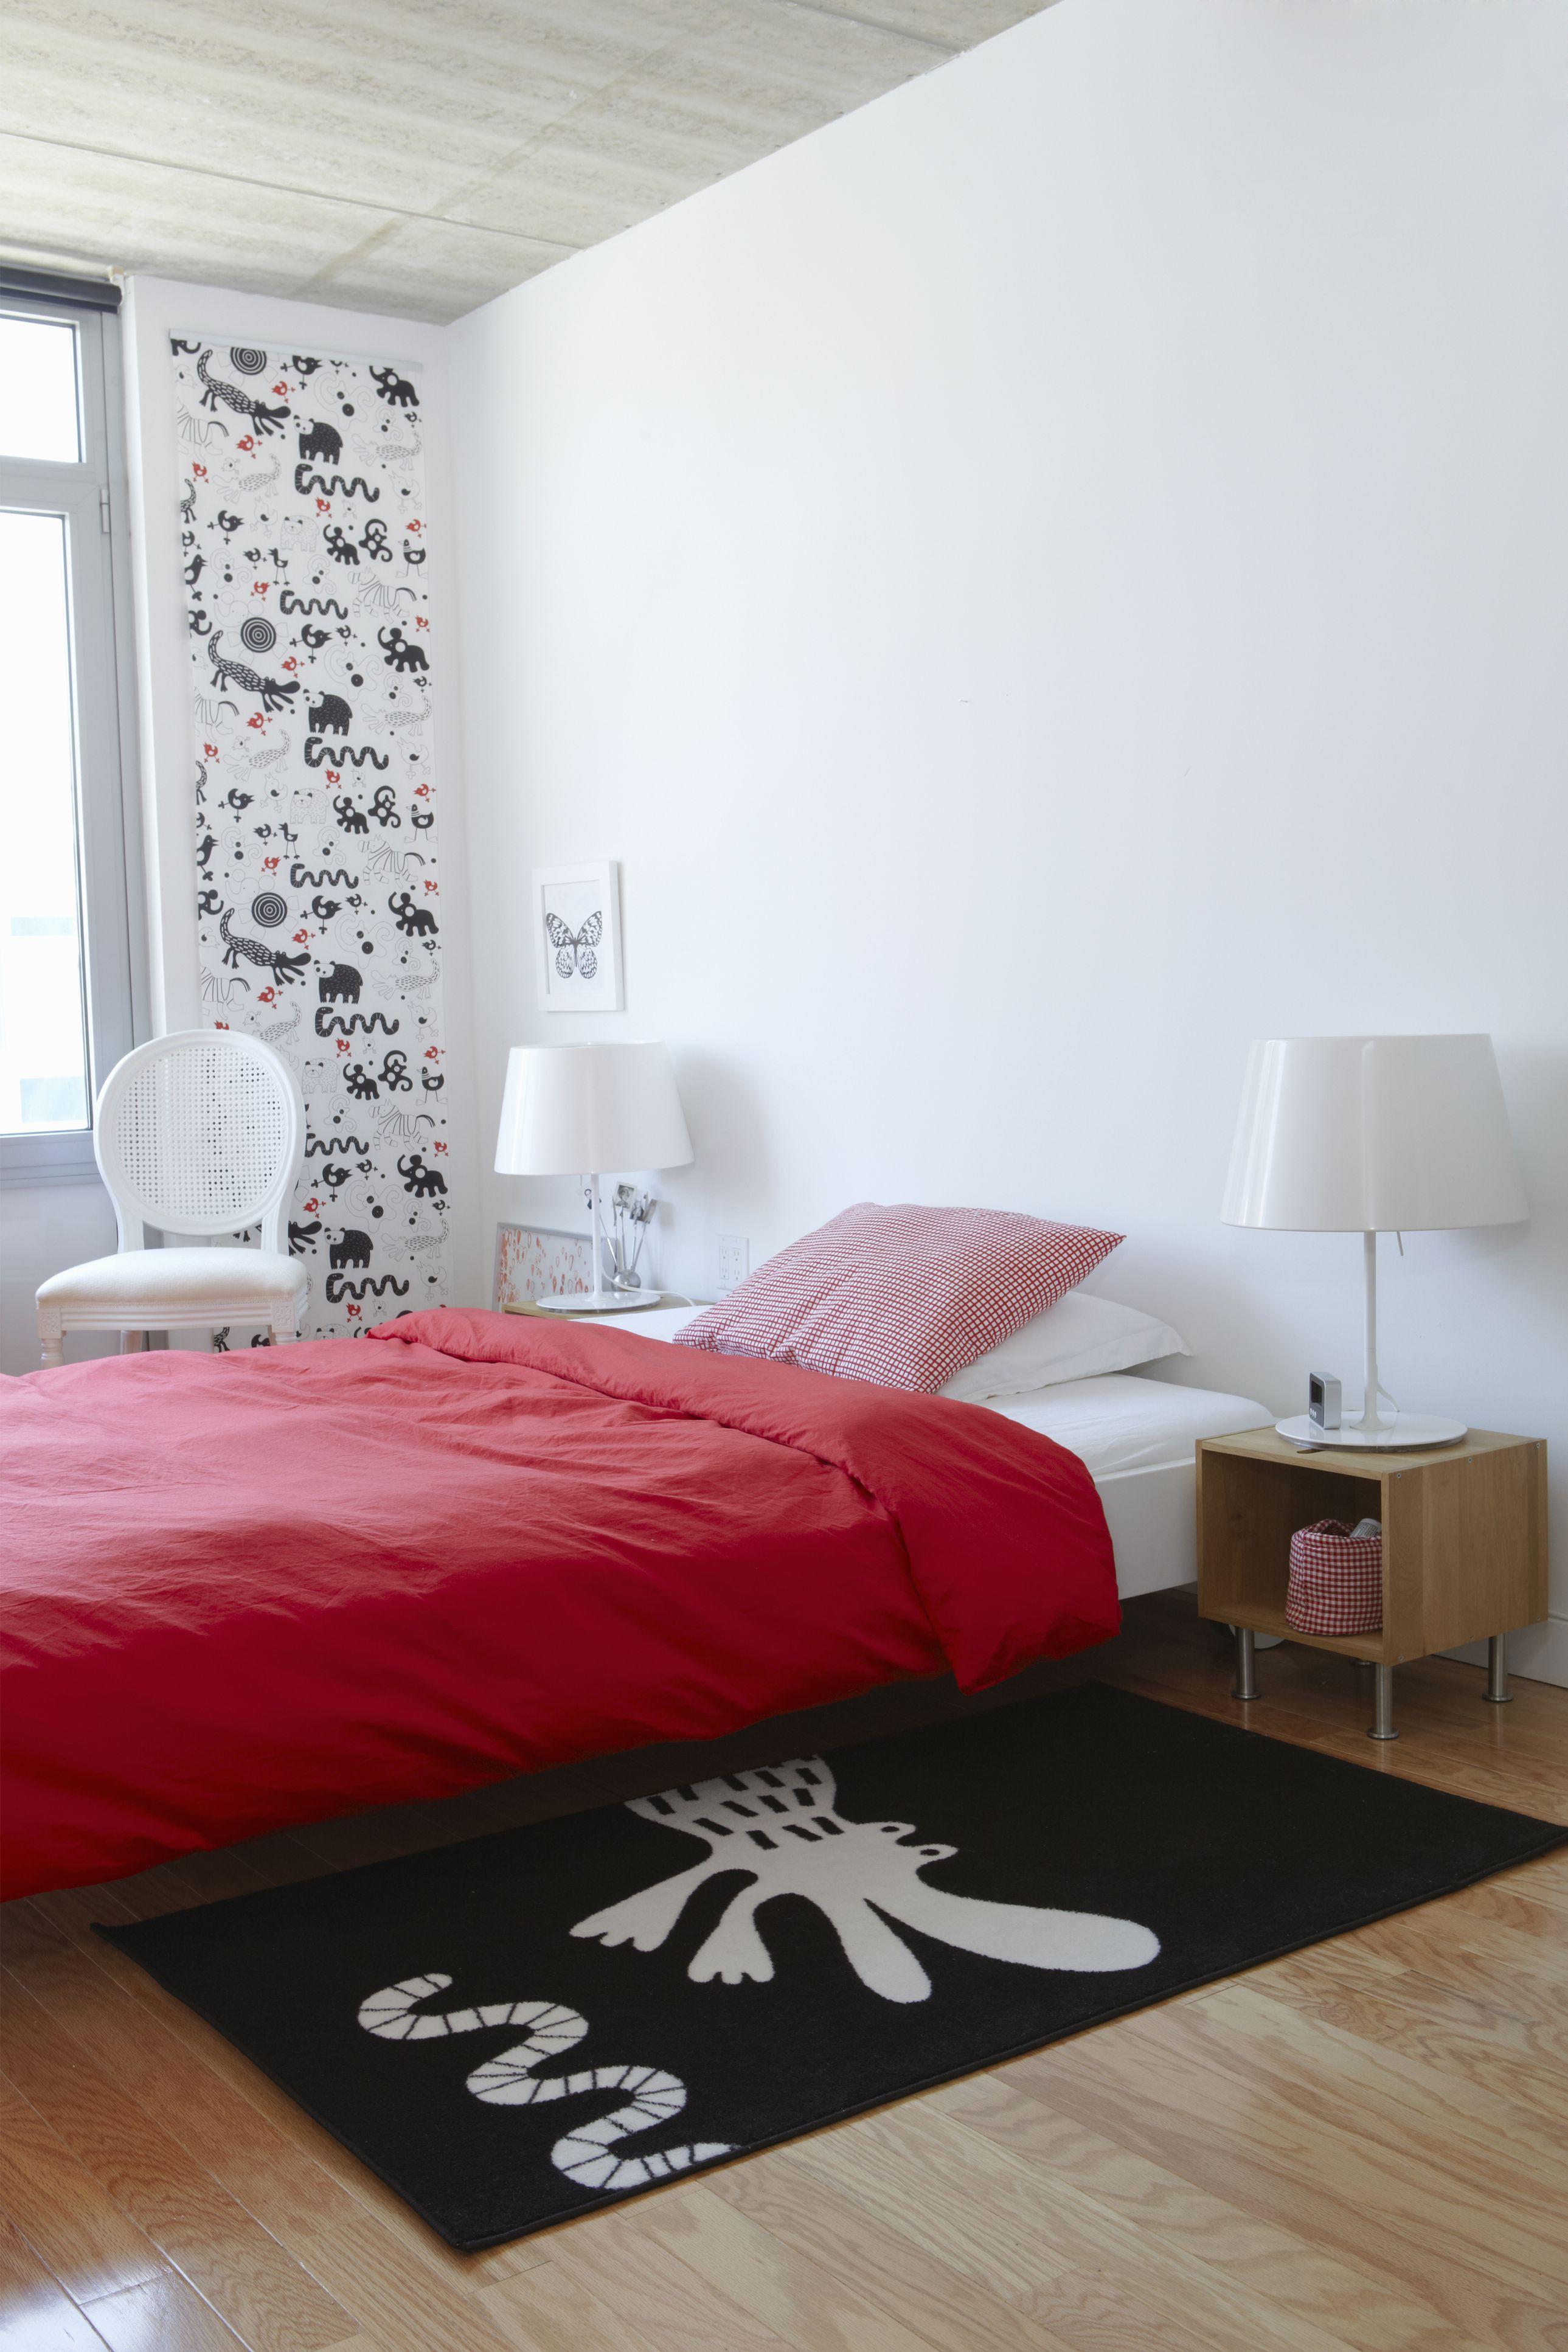 Consejos para decorar el cuarto de un adolescente for Formas de decorar mi cuarto